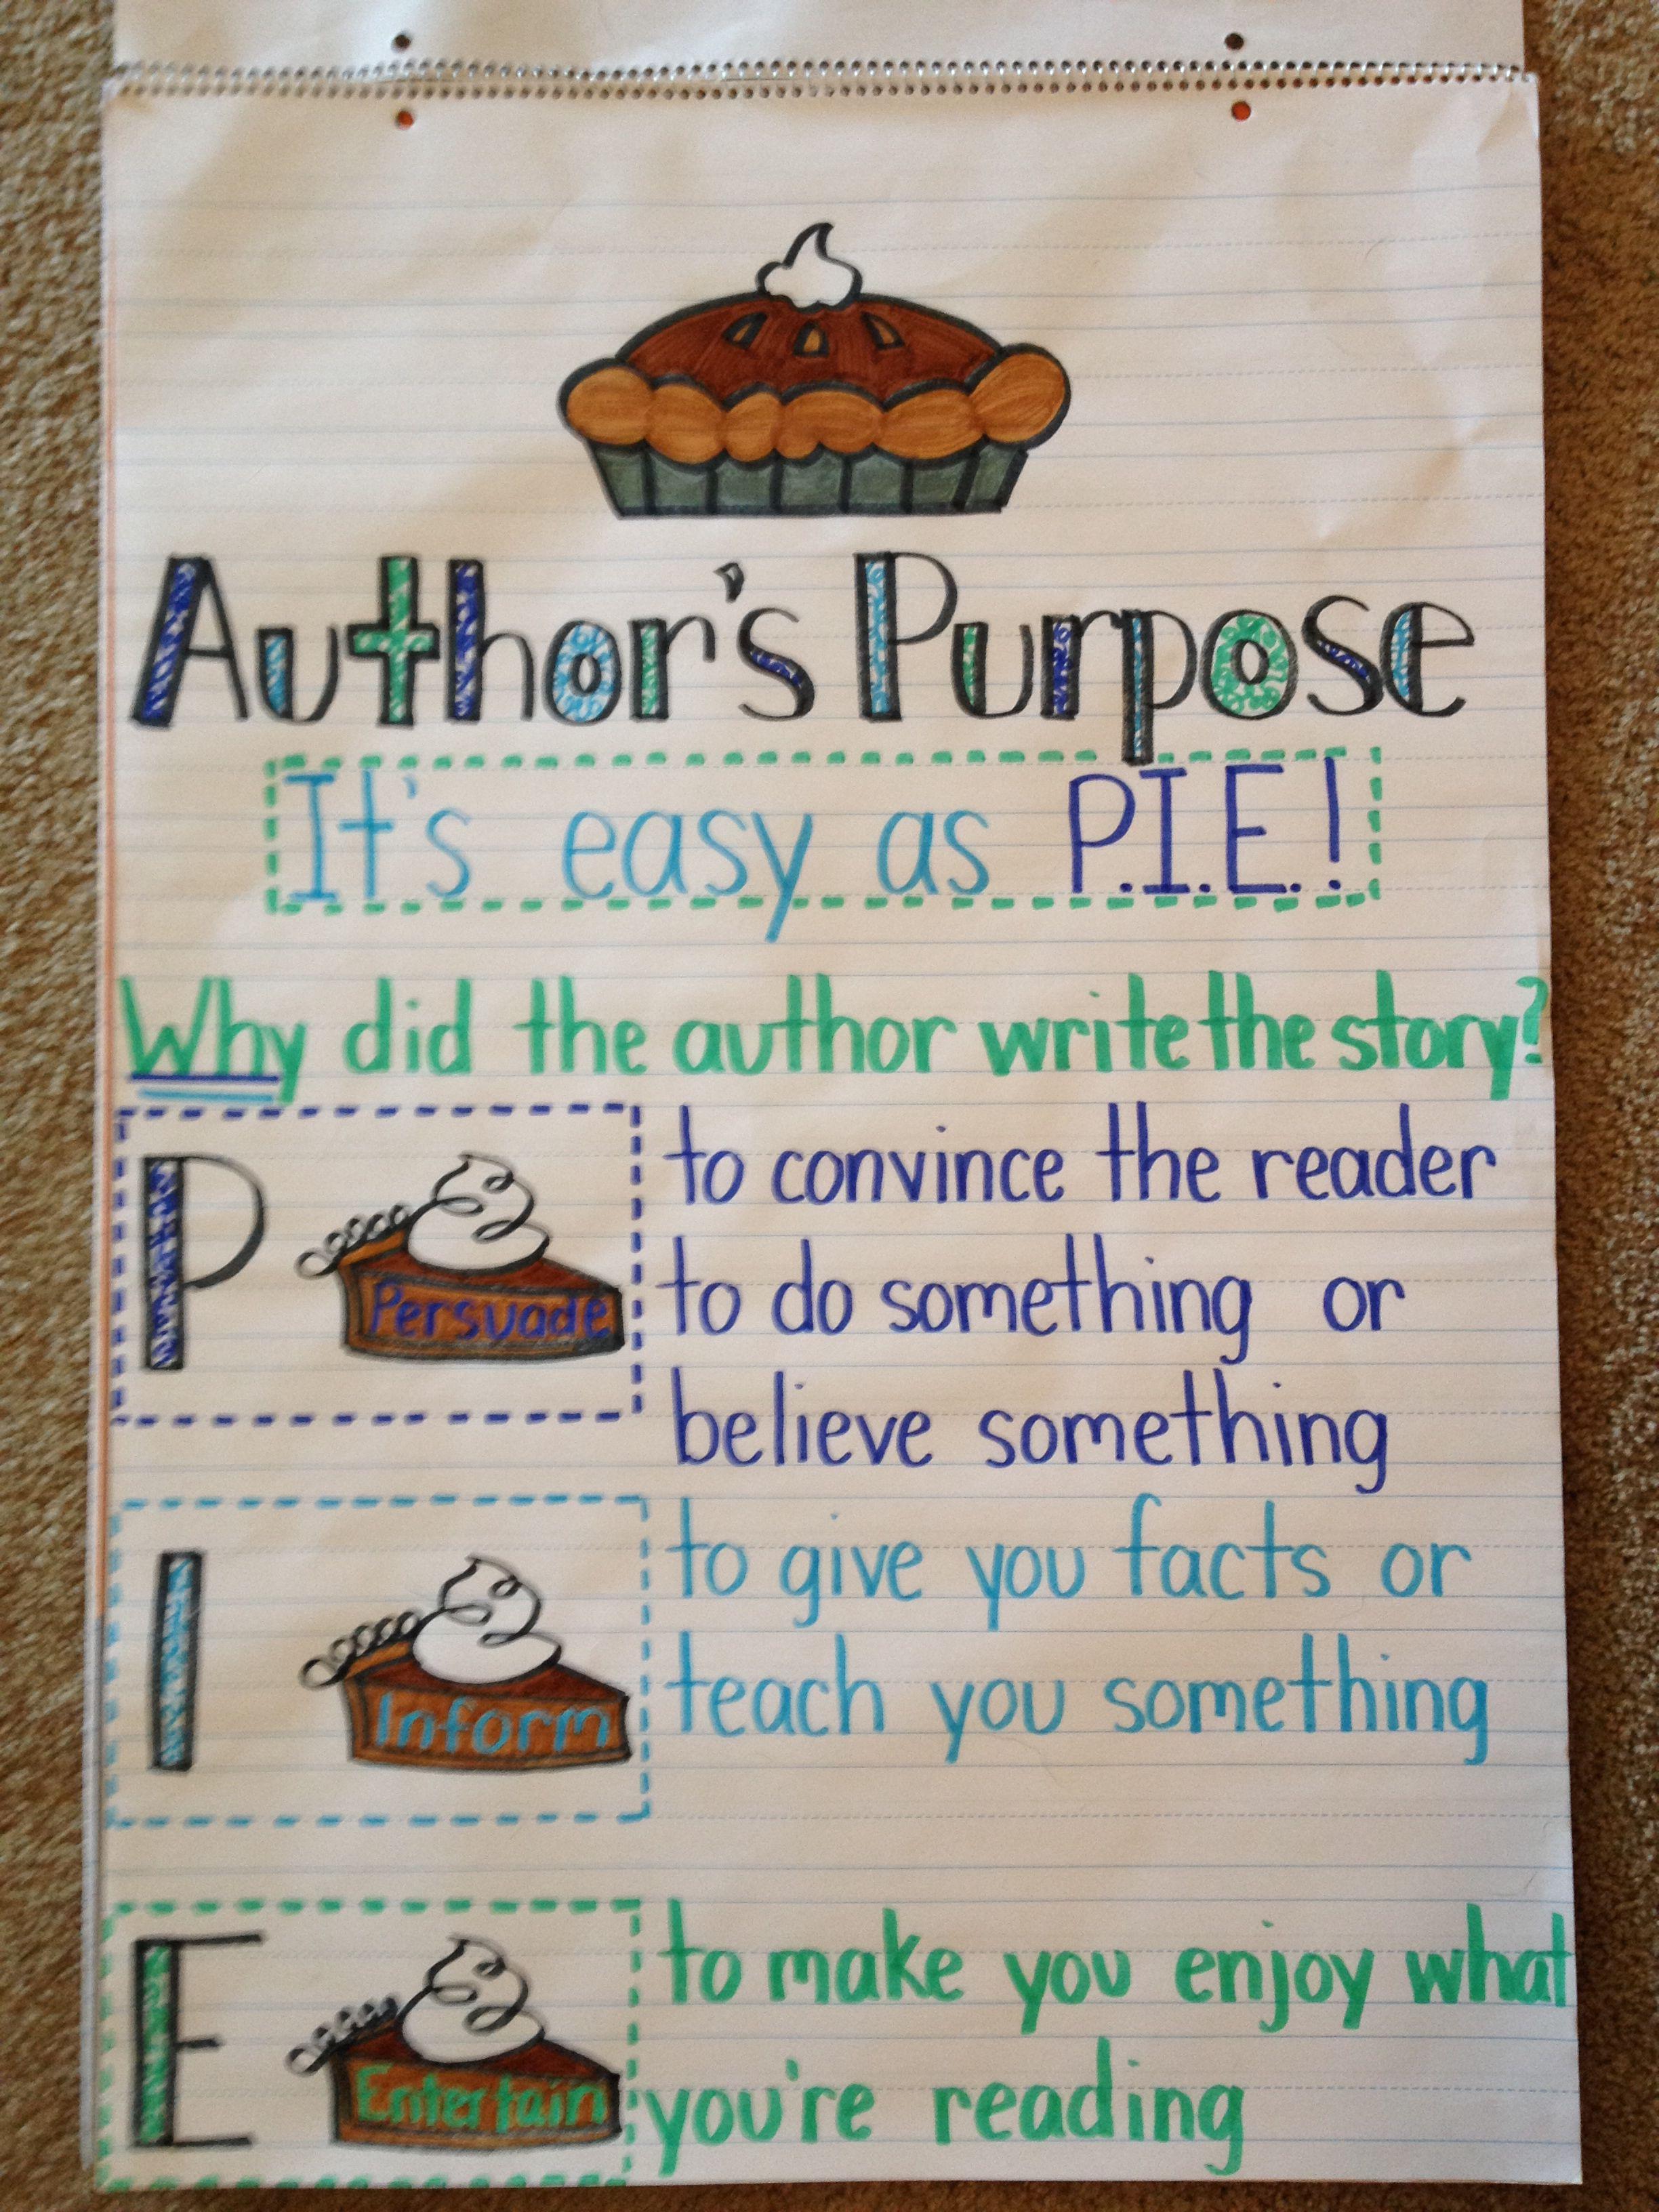 60 Author's Purpose ideas   authors purpose [ 3264 x 2448 Pixel ]